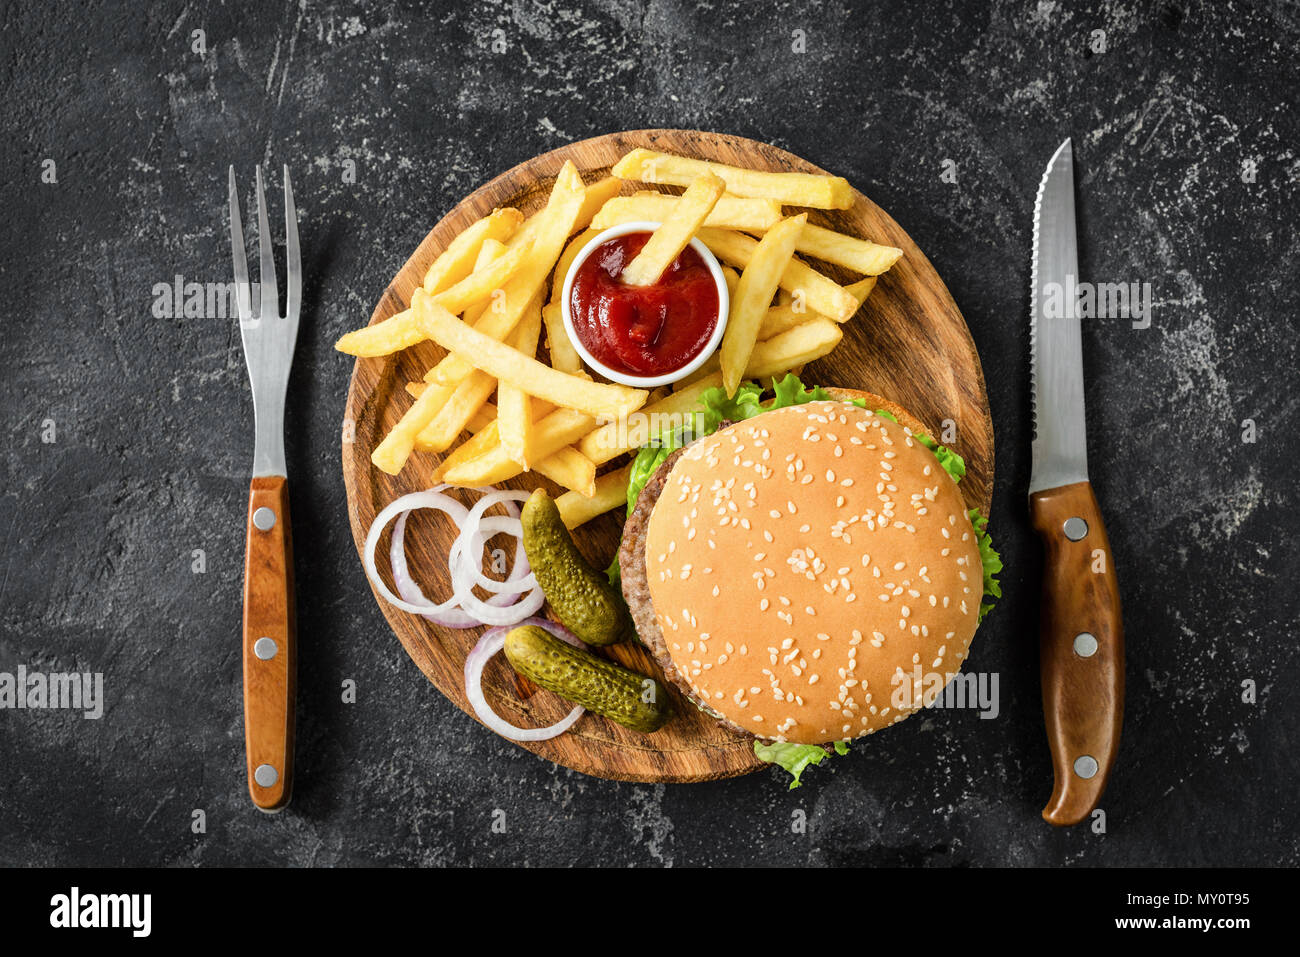 Hamburger di manzo, patate fritte, sottaceti, cipolla e ketchup. Tabella vista dall'alto. Concetto di fast food Immagini Stock